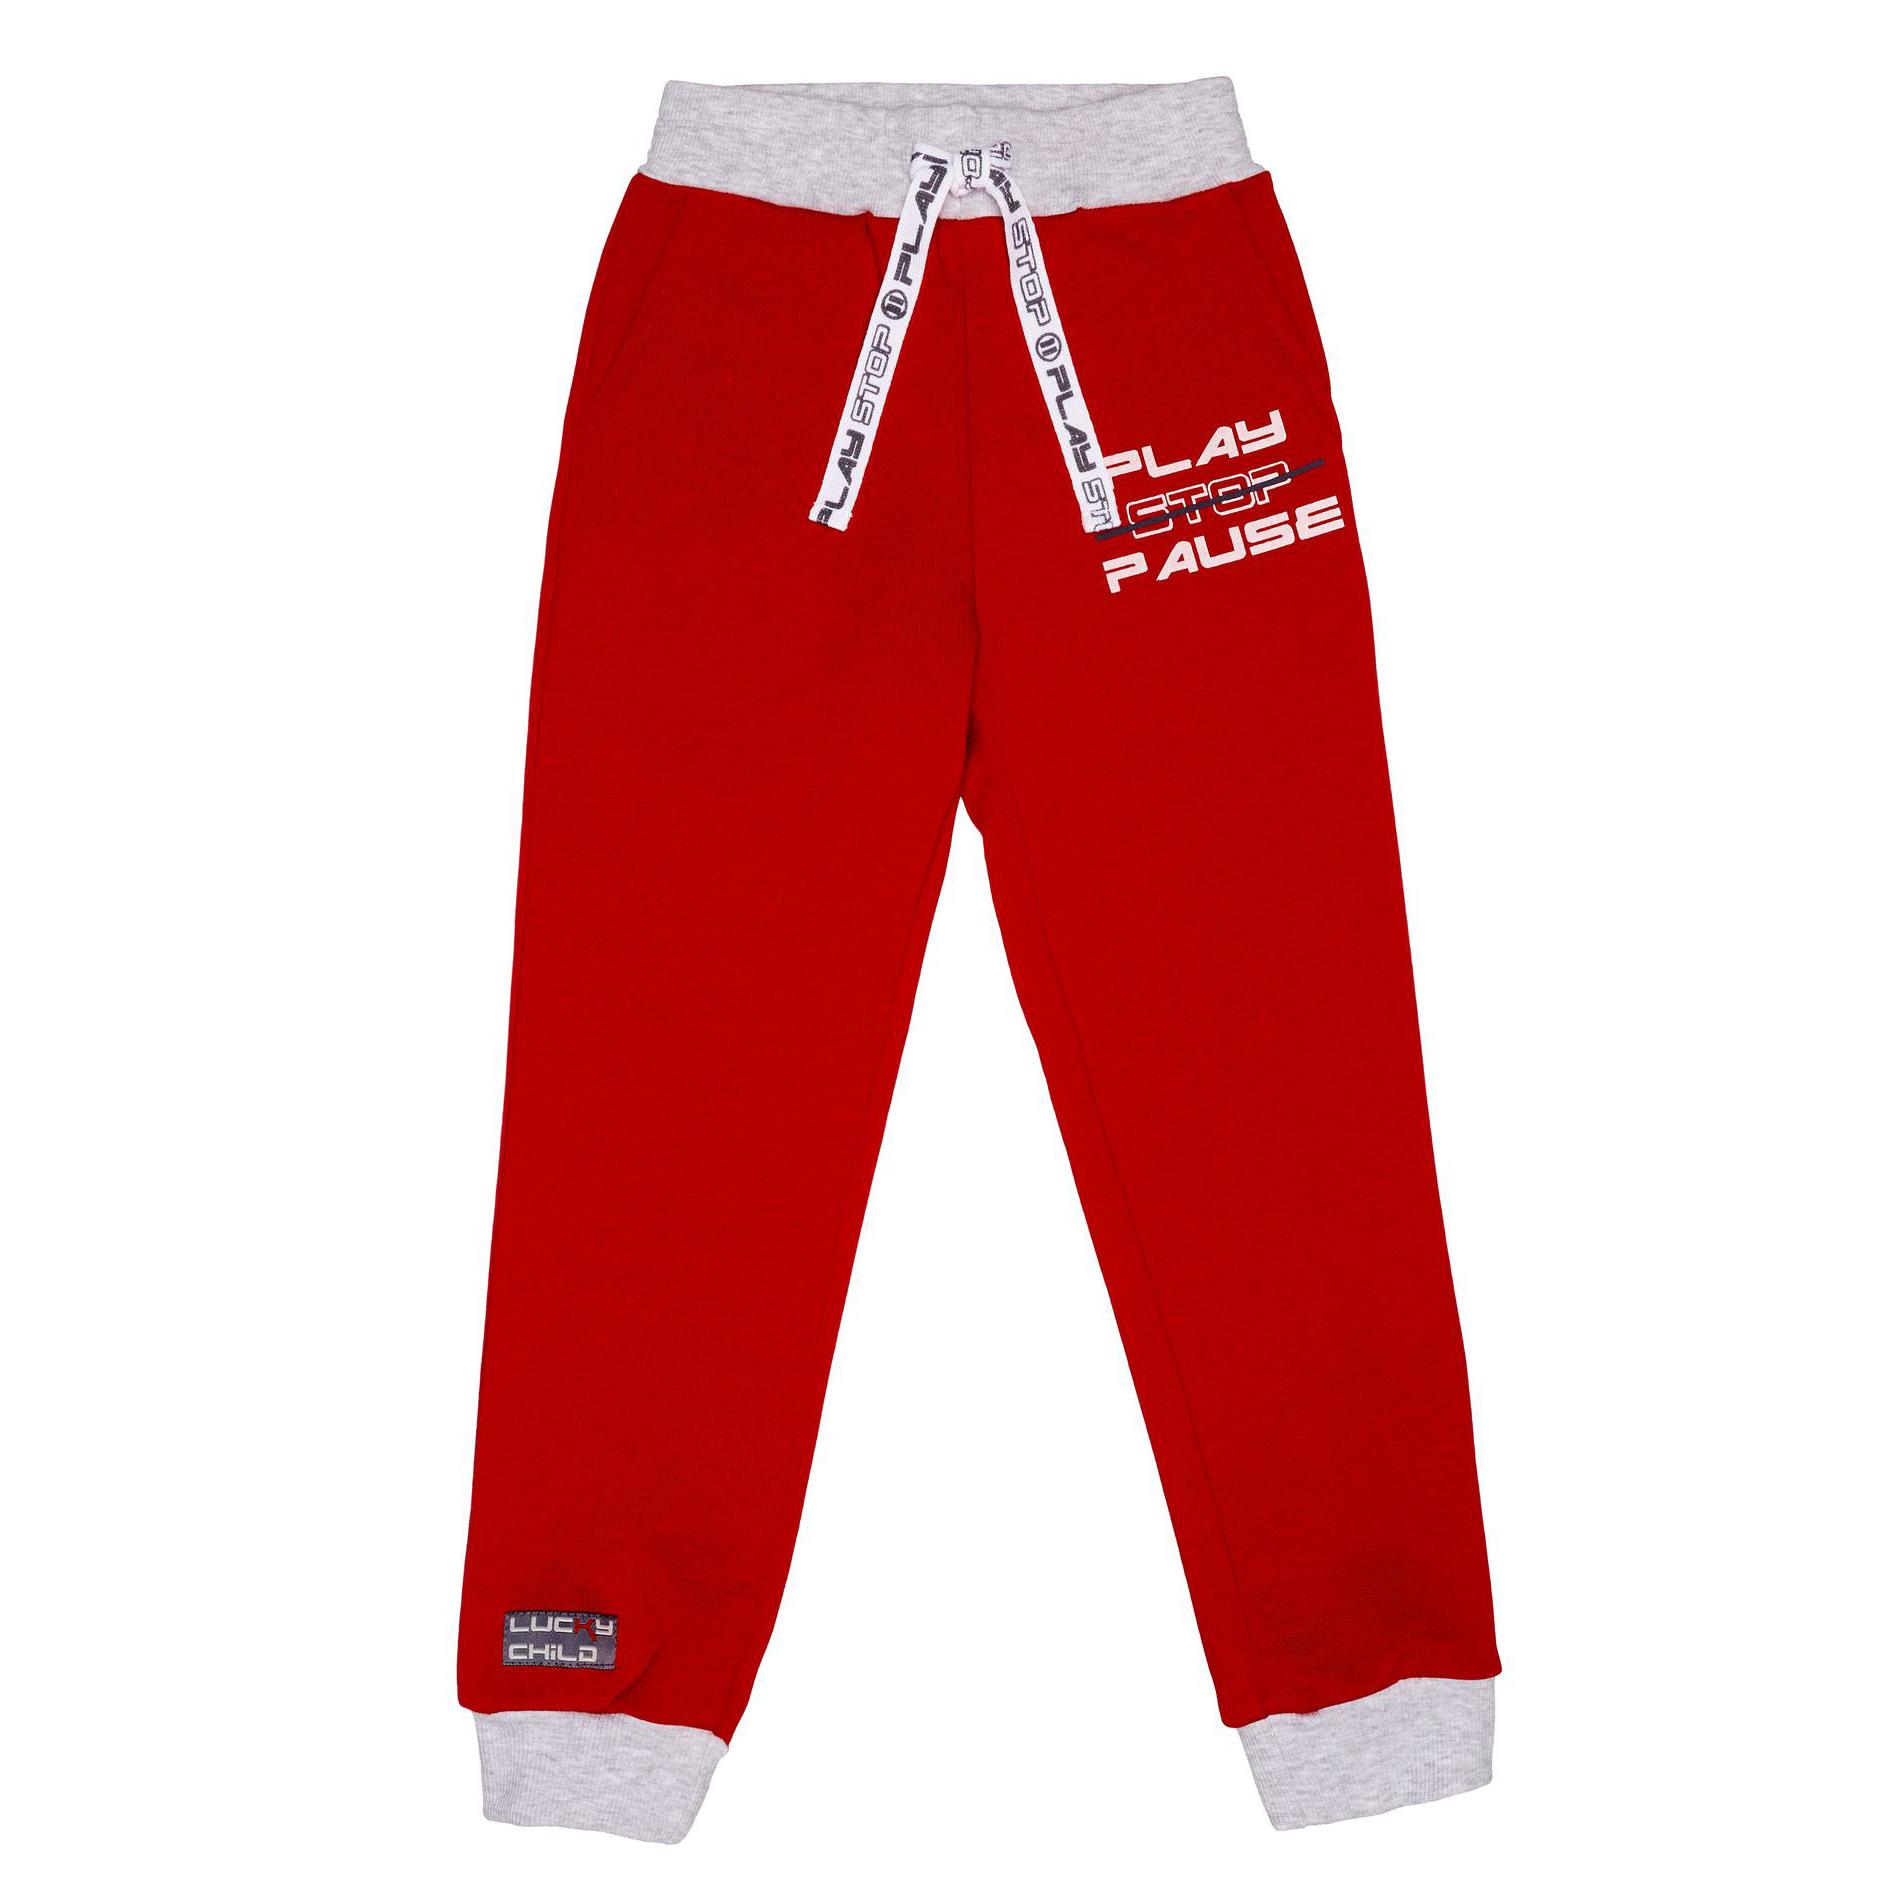 Купить Спортивные брюки Lucky Child Больше пространства красные 86-92, Красный, Футер, Для мальчиков, Осень-Зима,